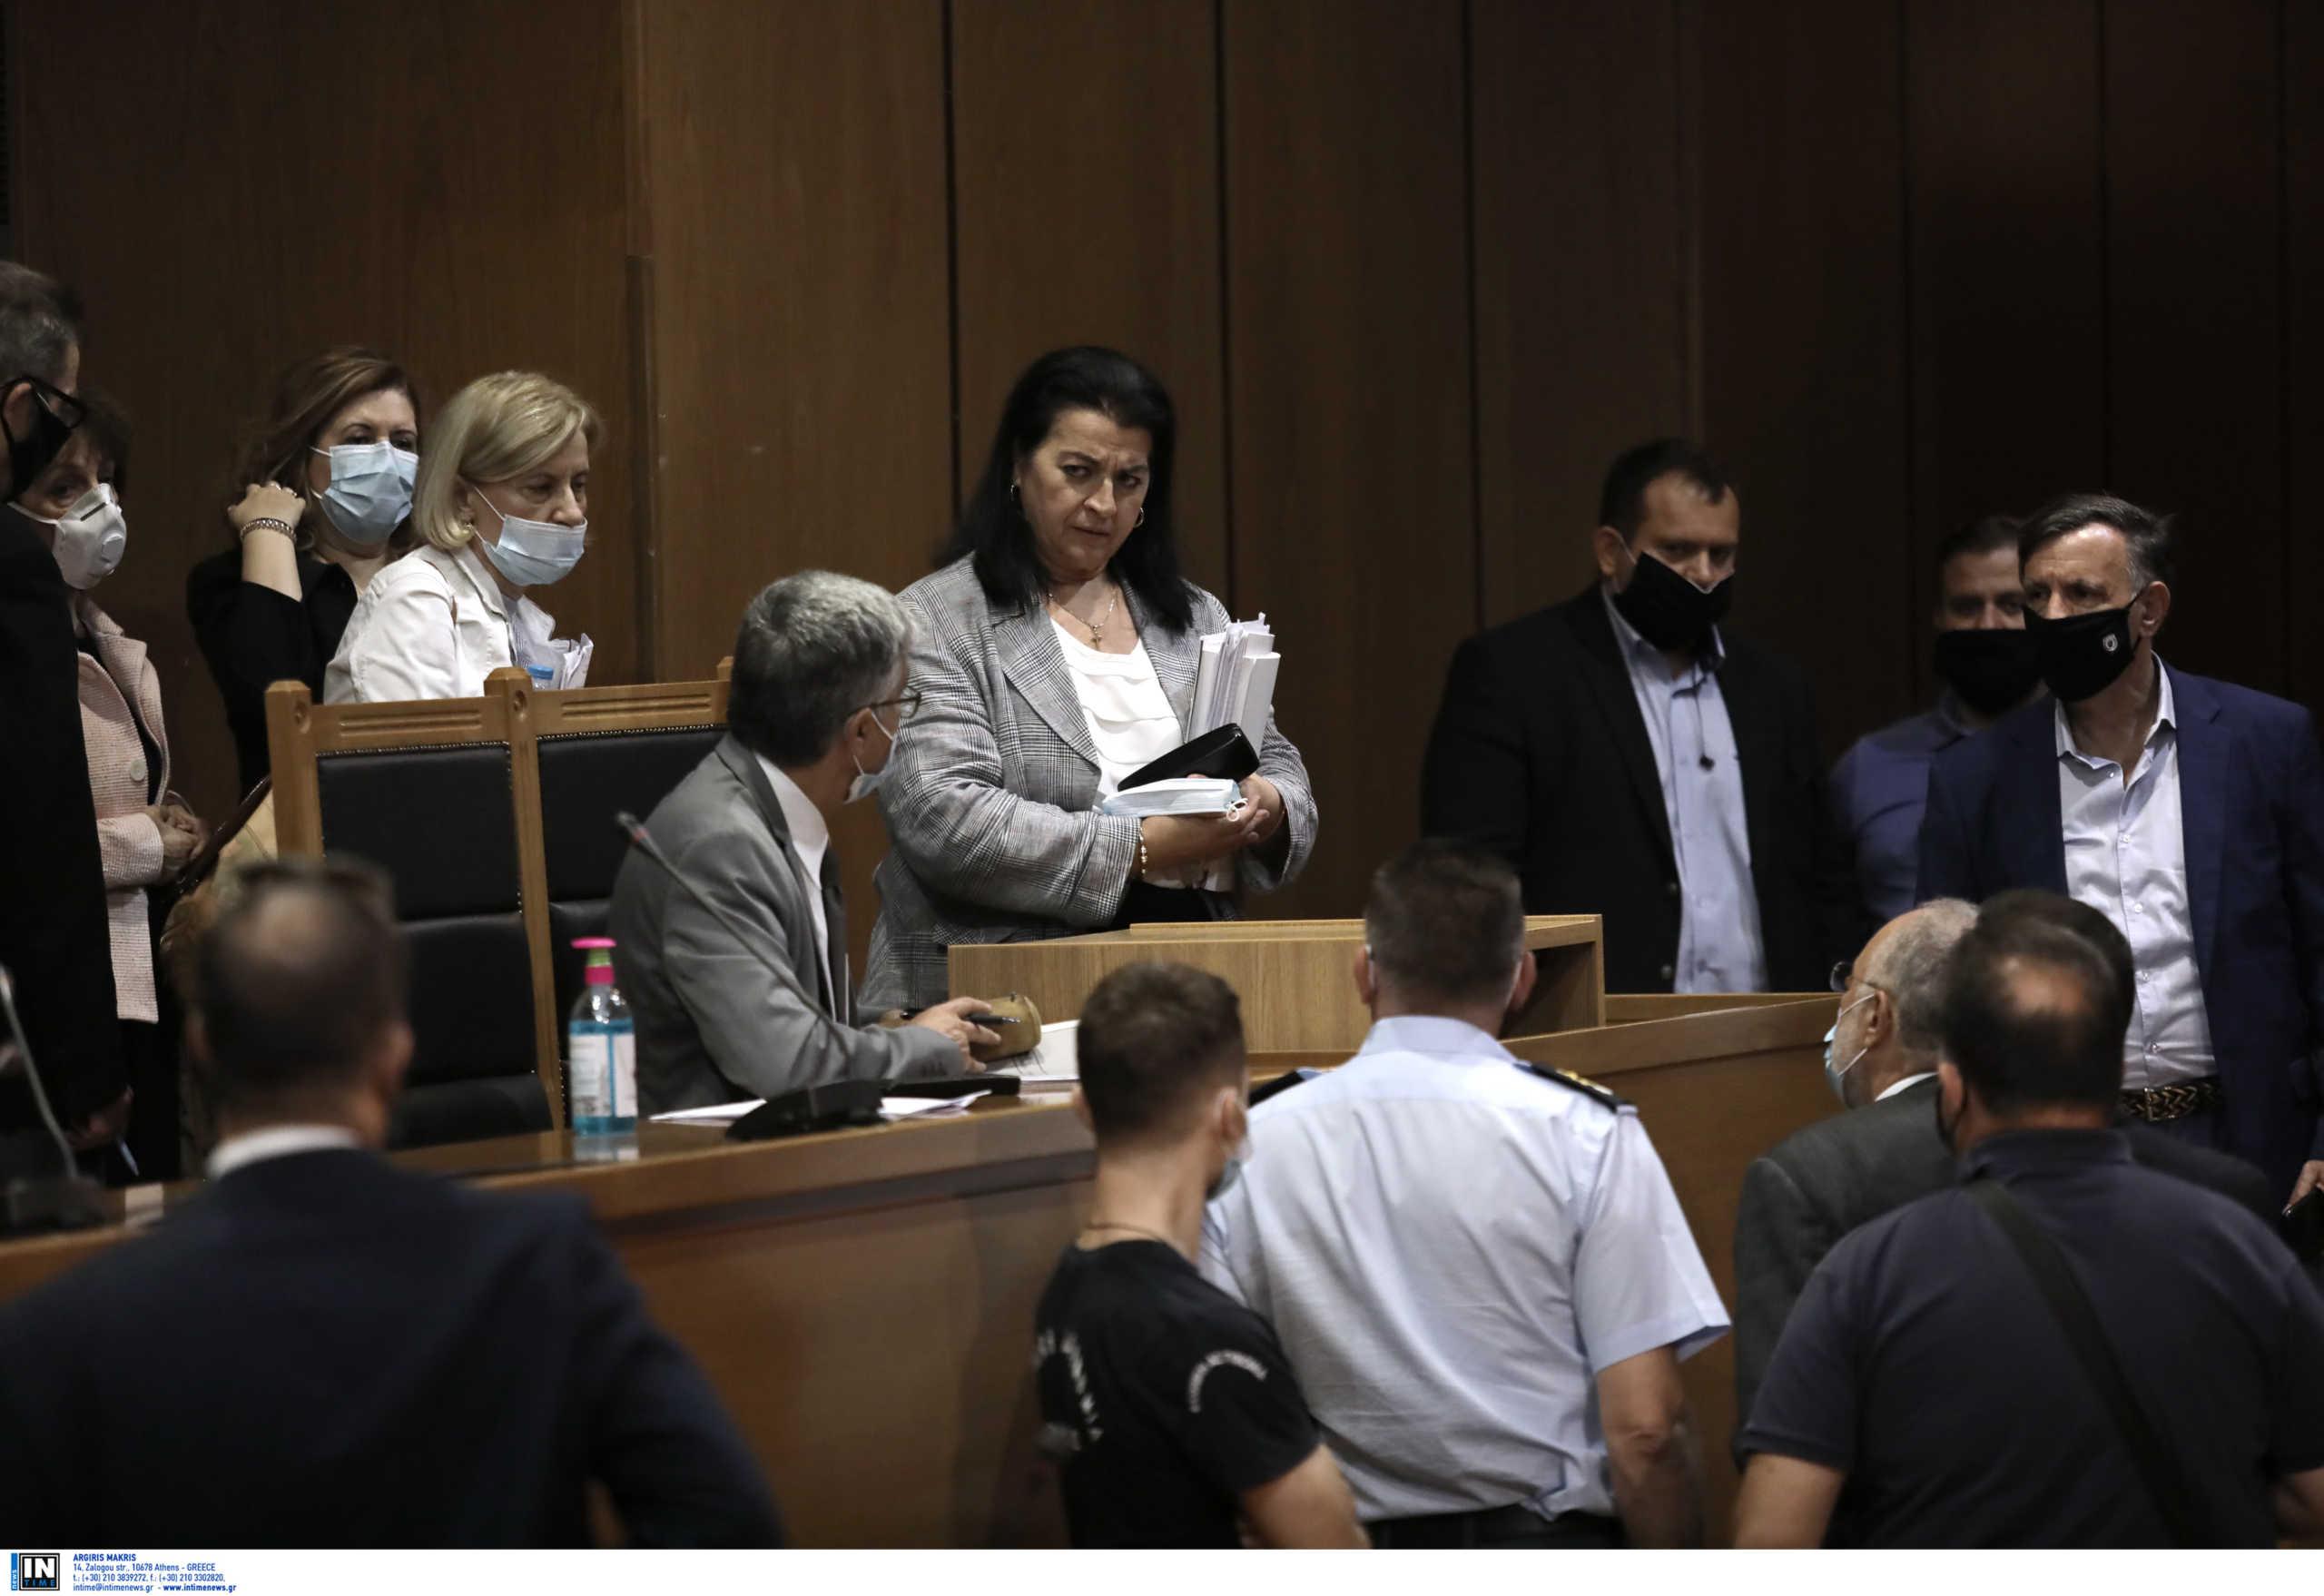 Χρυσή Αυγή: Οι τελικές ποινές – Ισόβια και 14 χρόνια στον Ρουπακιά και στα 13 χρόνια σε έξι του διευθυντηρίου